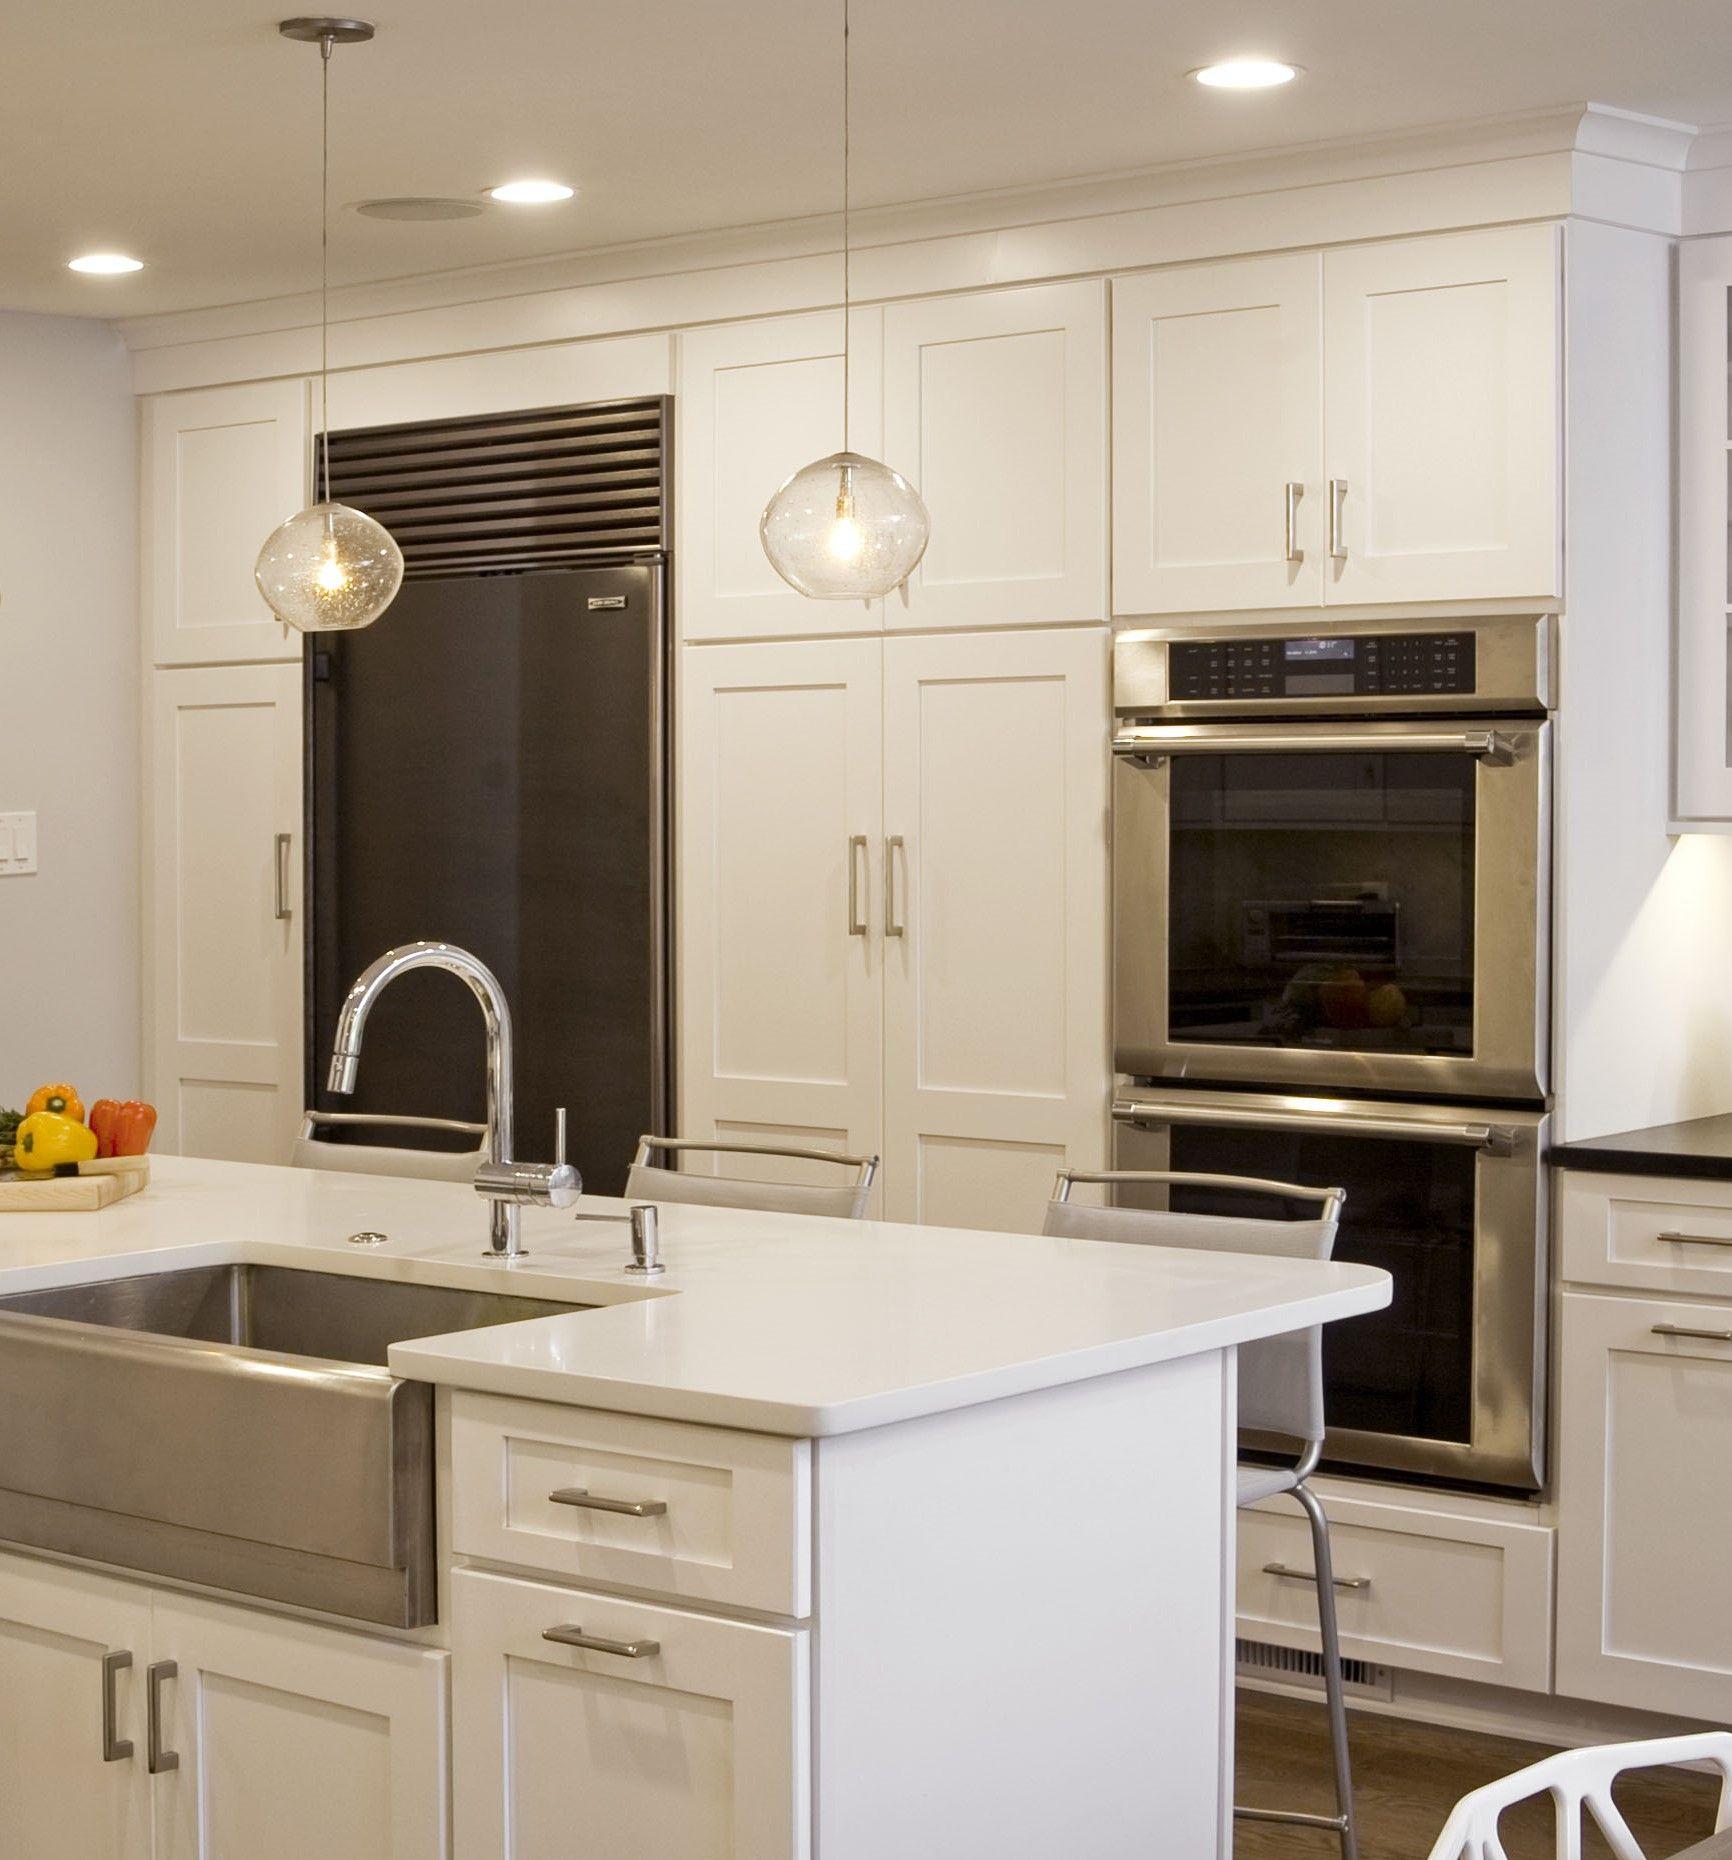 Increíble Hermans Cocina Y Baño Denver Imagen - Ideas de Decoración ...